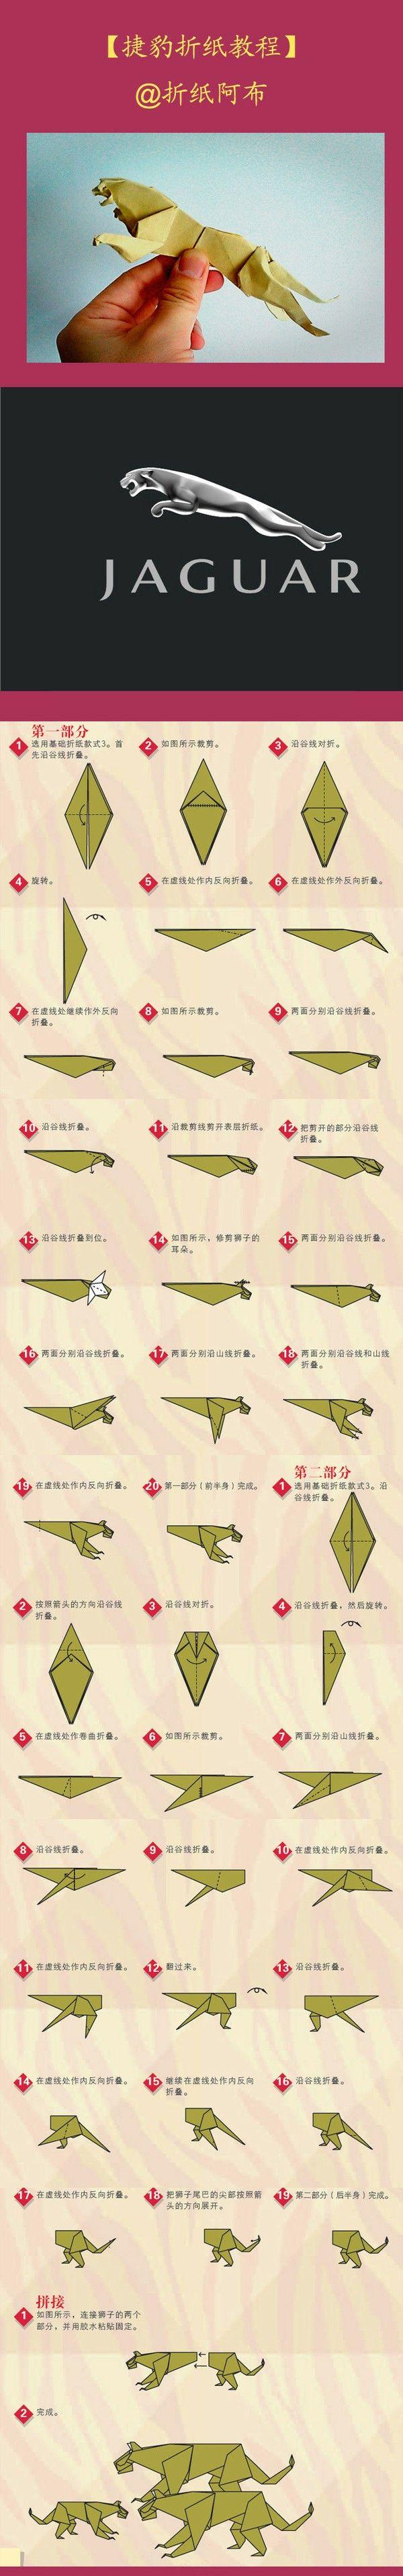 Tutorial Origami Jaguar Ms Favorites Pinterest Kusudama Diagrams